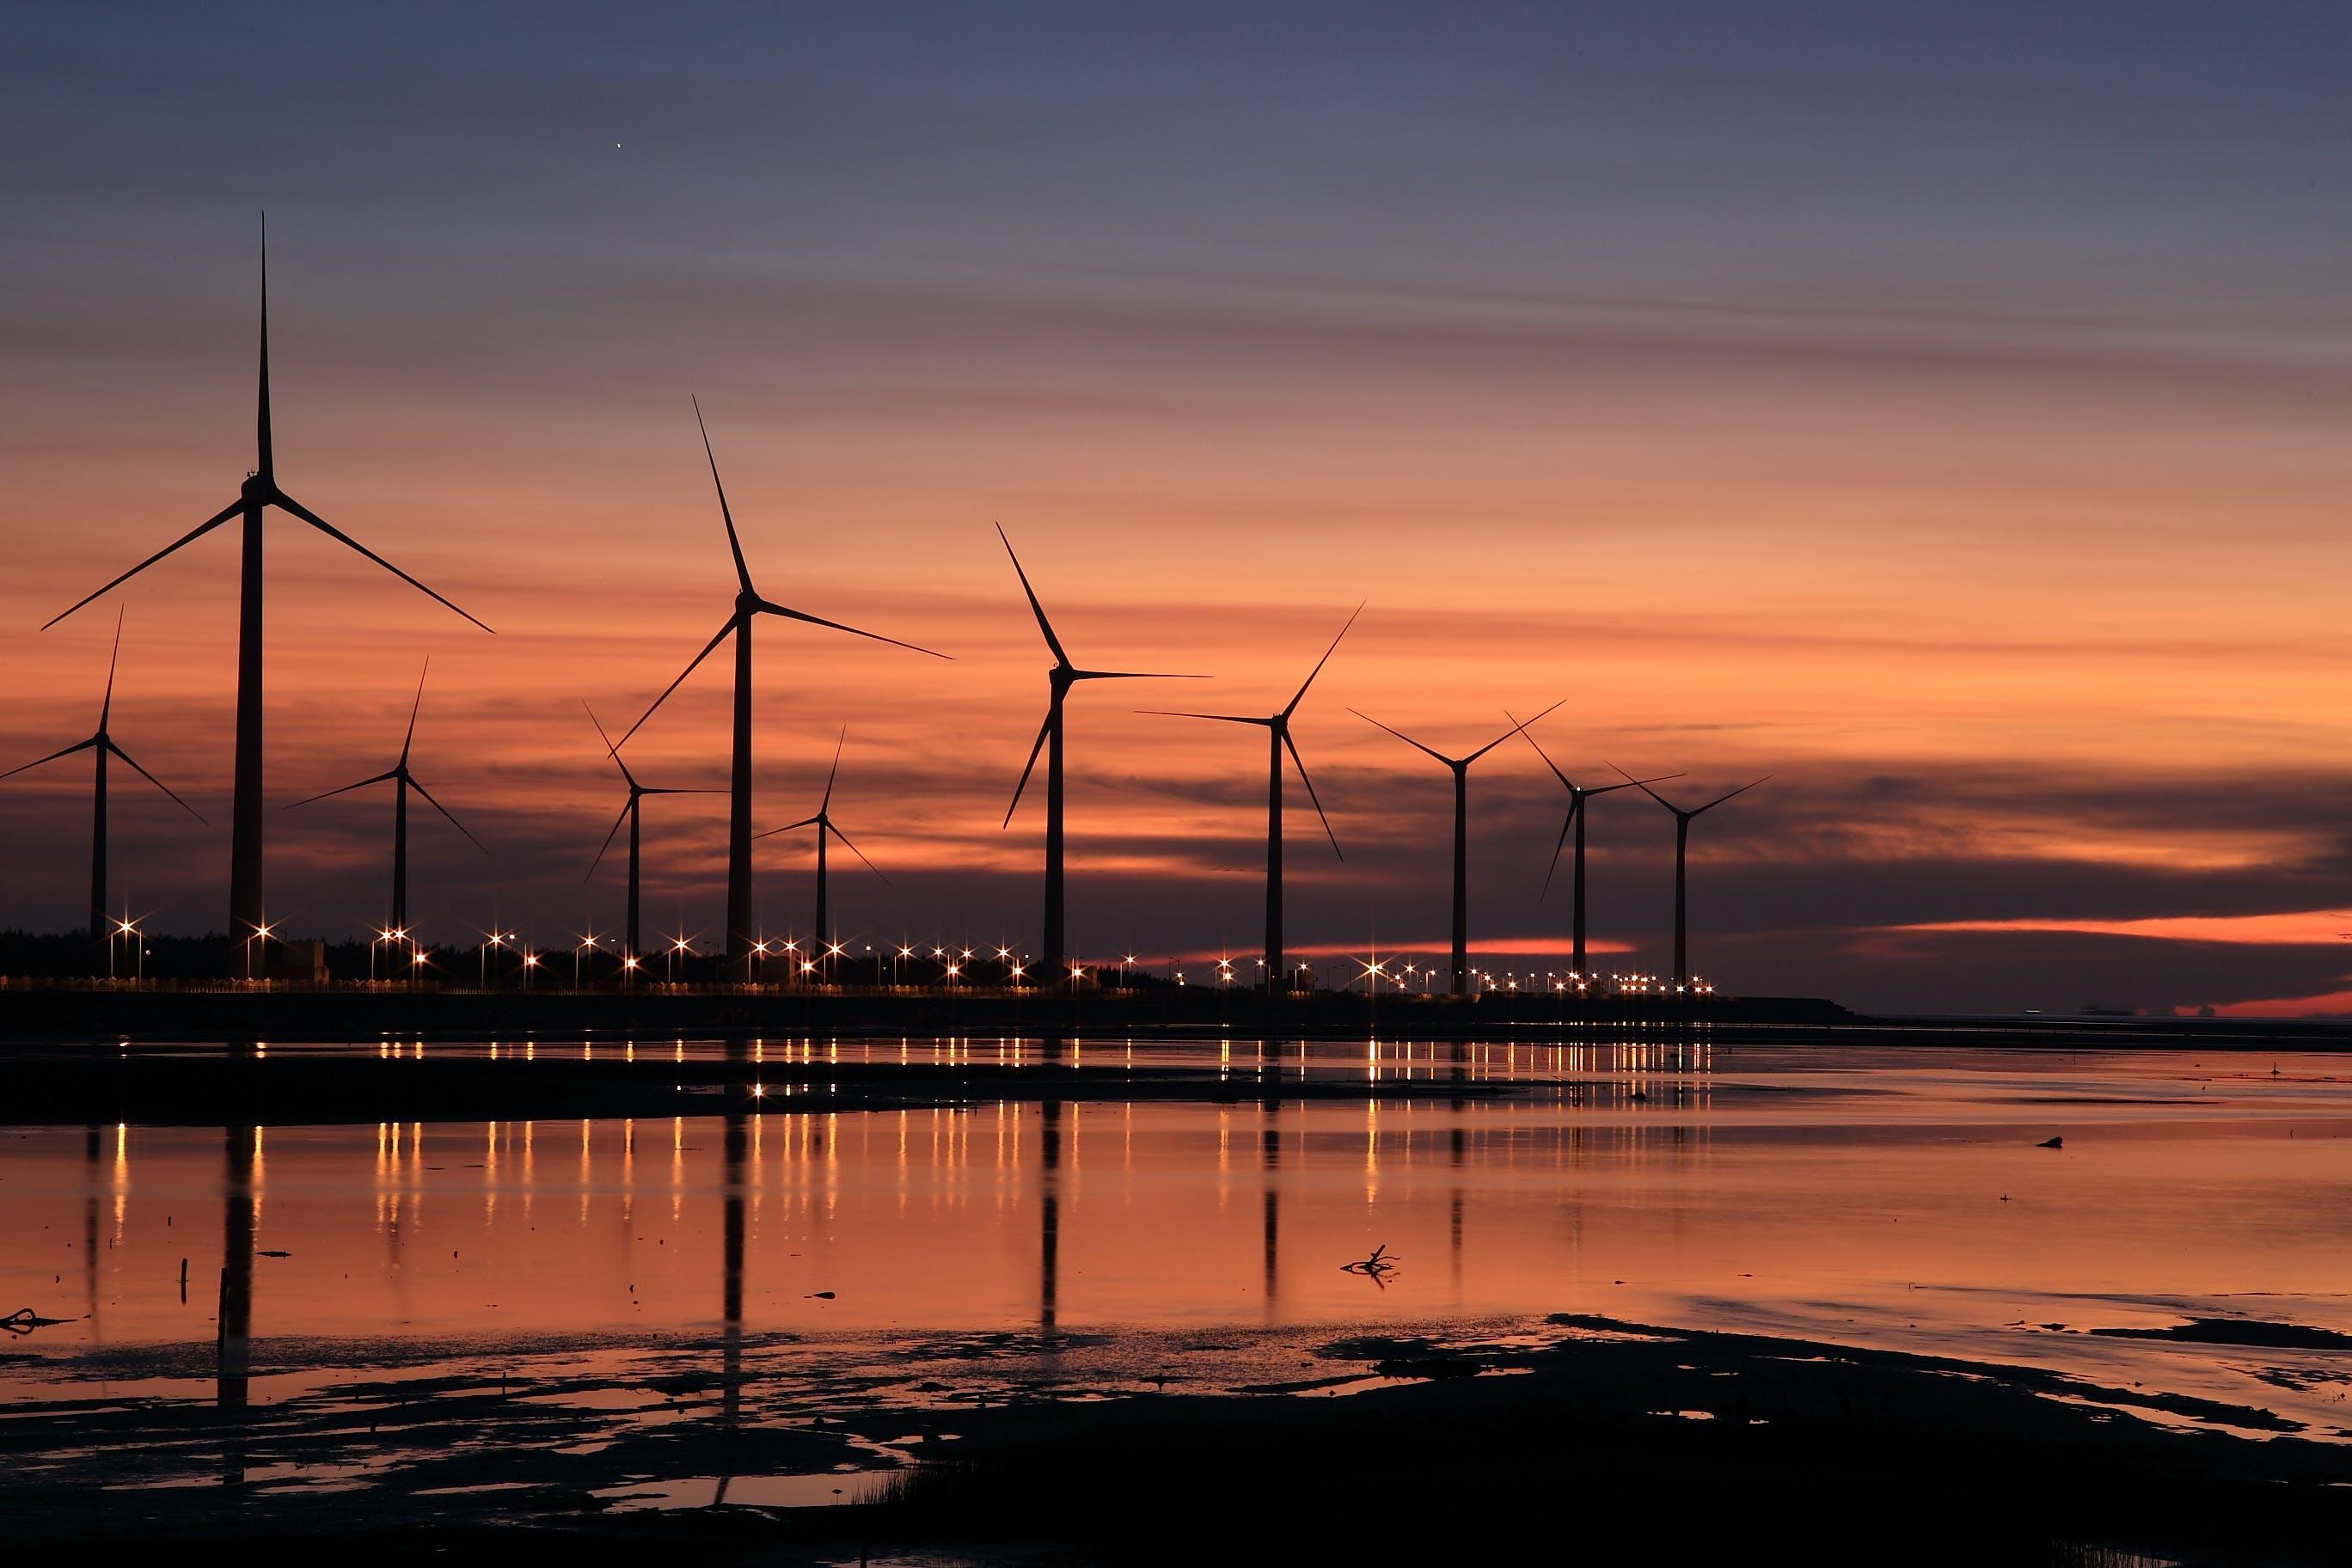 Безкоштовне стокове фото на тему «вітрогенератори, вітряки, вода, Захід сонця»